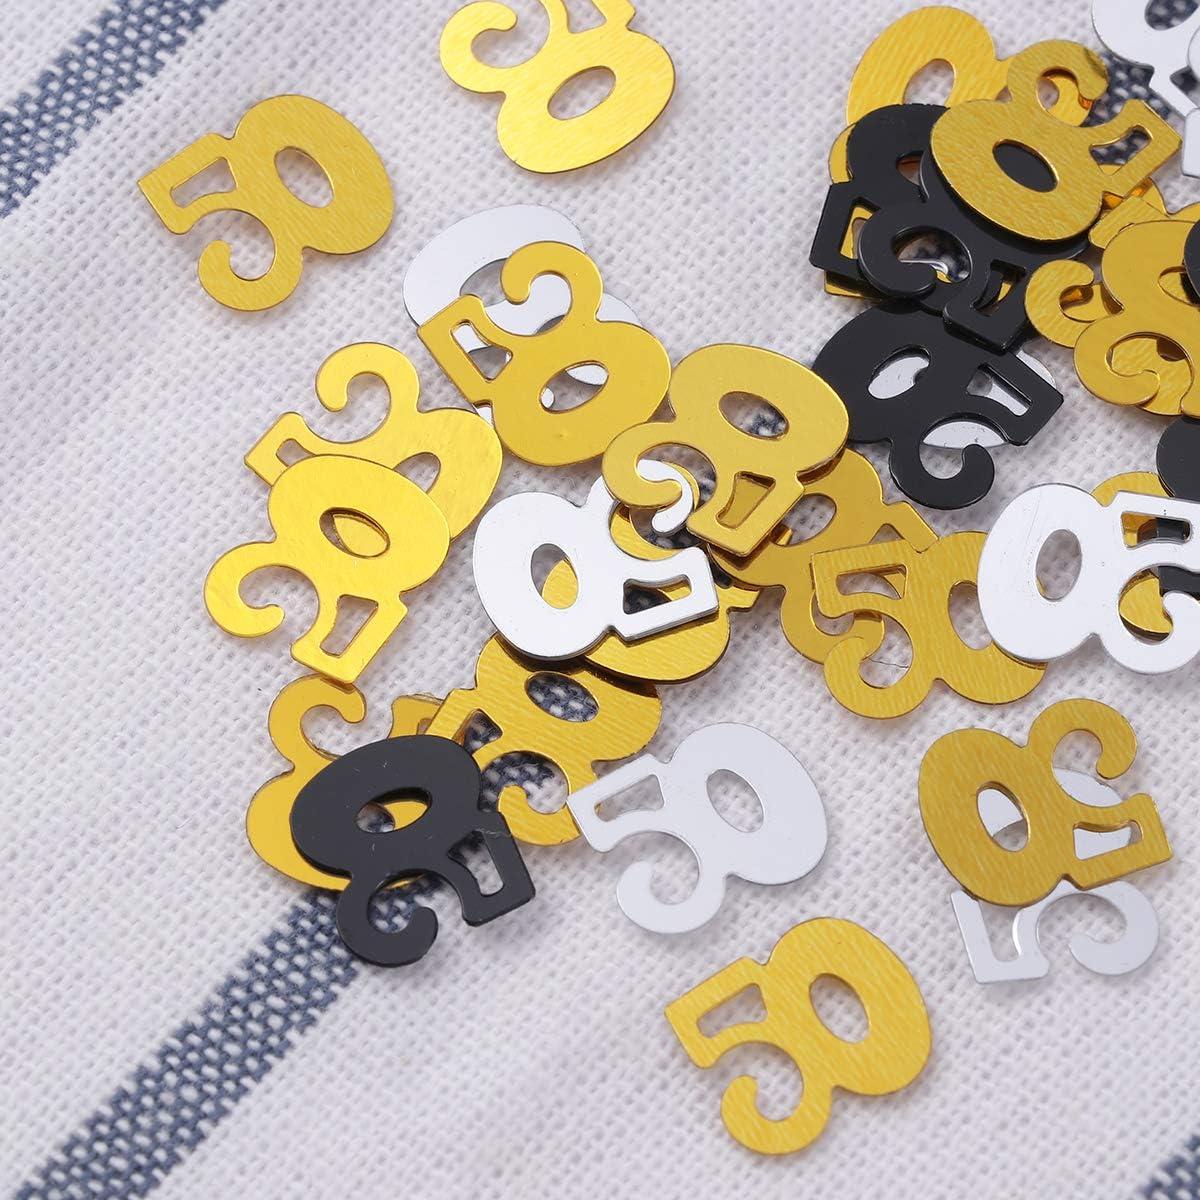 Or Argent Noir Amosfun 1200pcs 50/ème anniversaire et anniversaire de mariage Table de f/ête Confettis Paillettes Confetti D/écoration